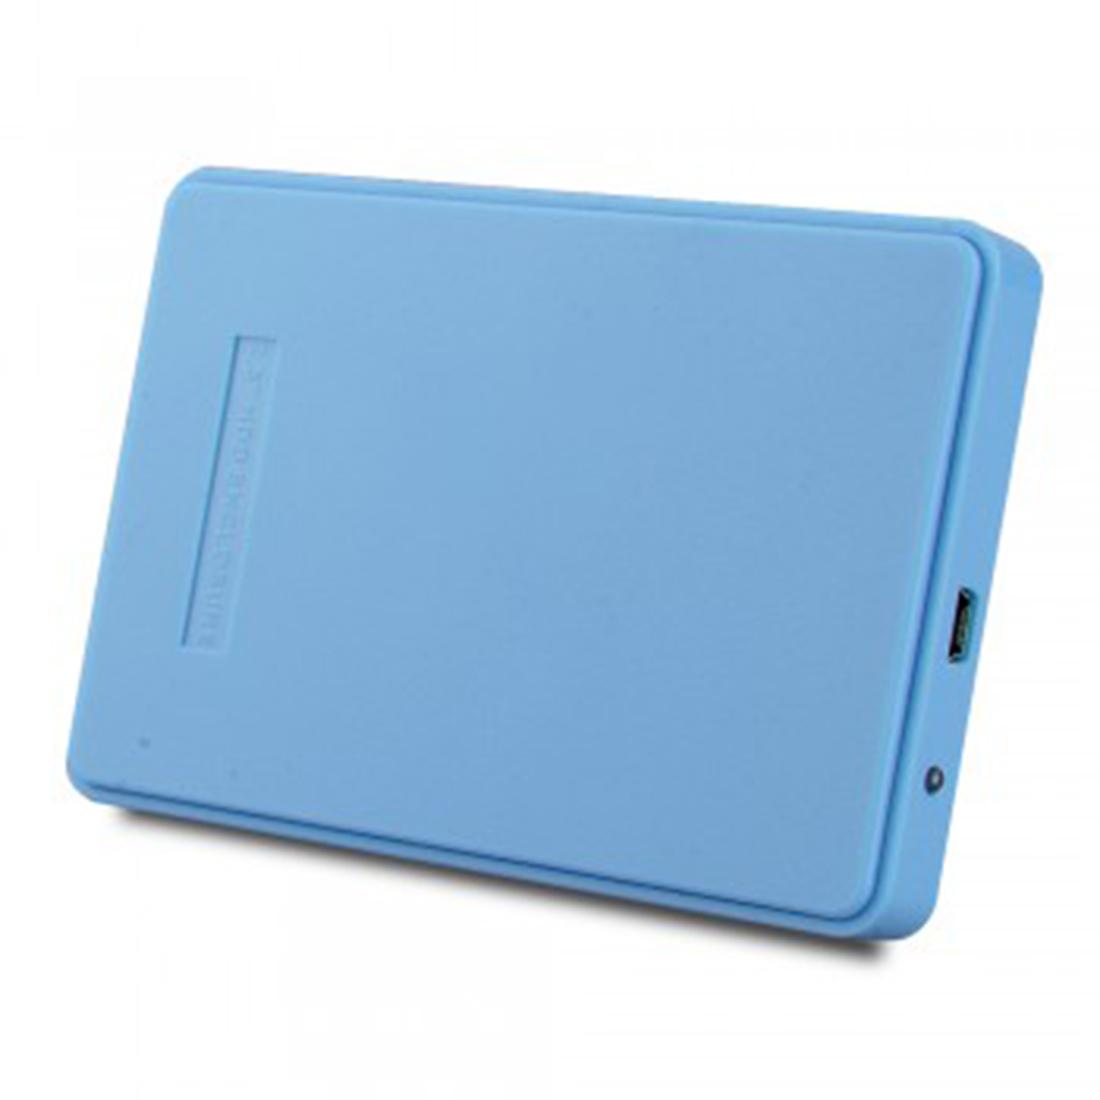 2.5 Inch 2TB Portable USB 2.0 SATA Hard Disk Drive Enclosure External Cover Box Blue(China (Mainland))